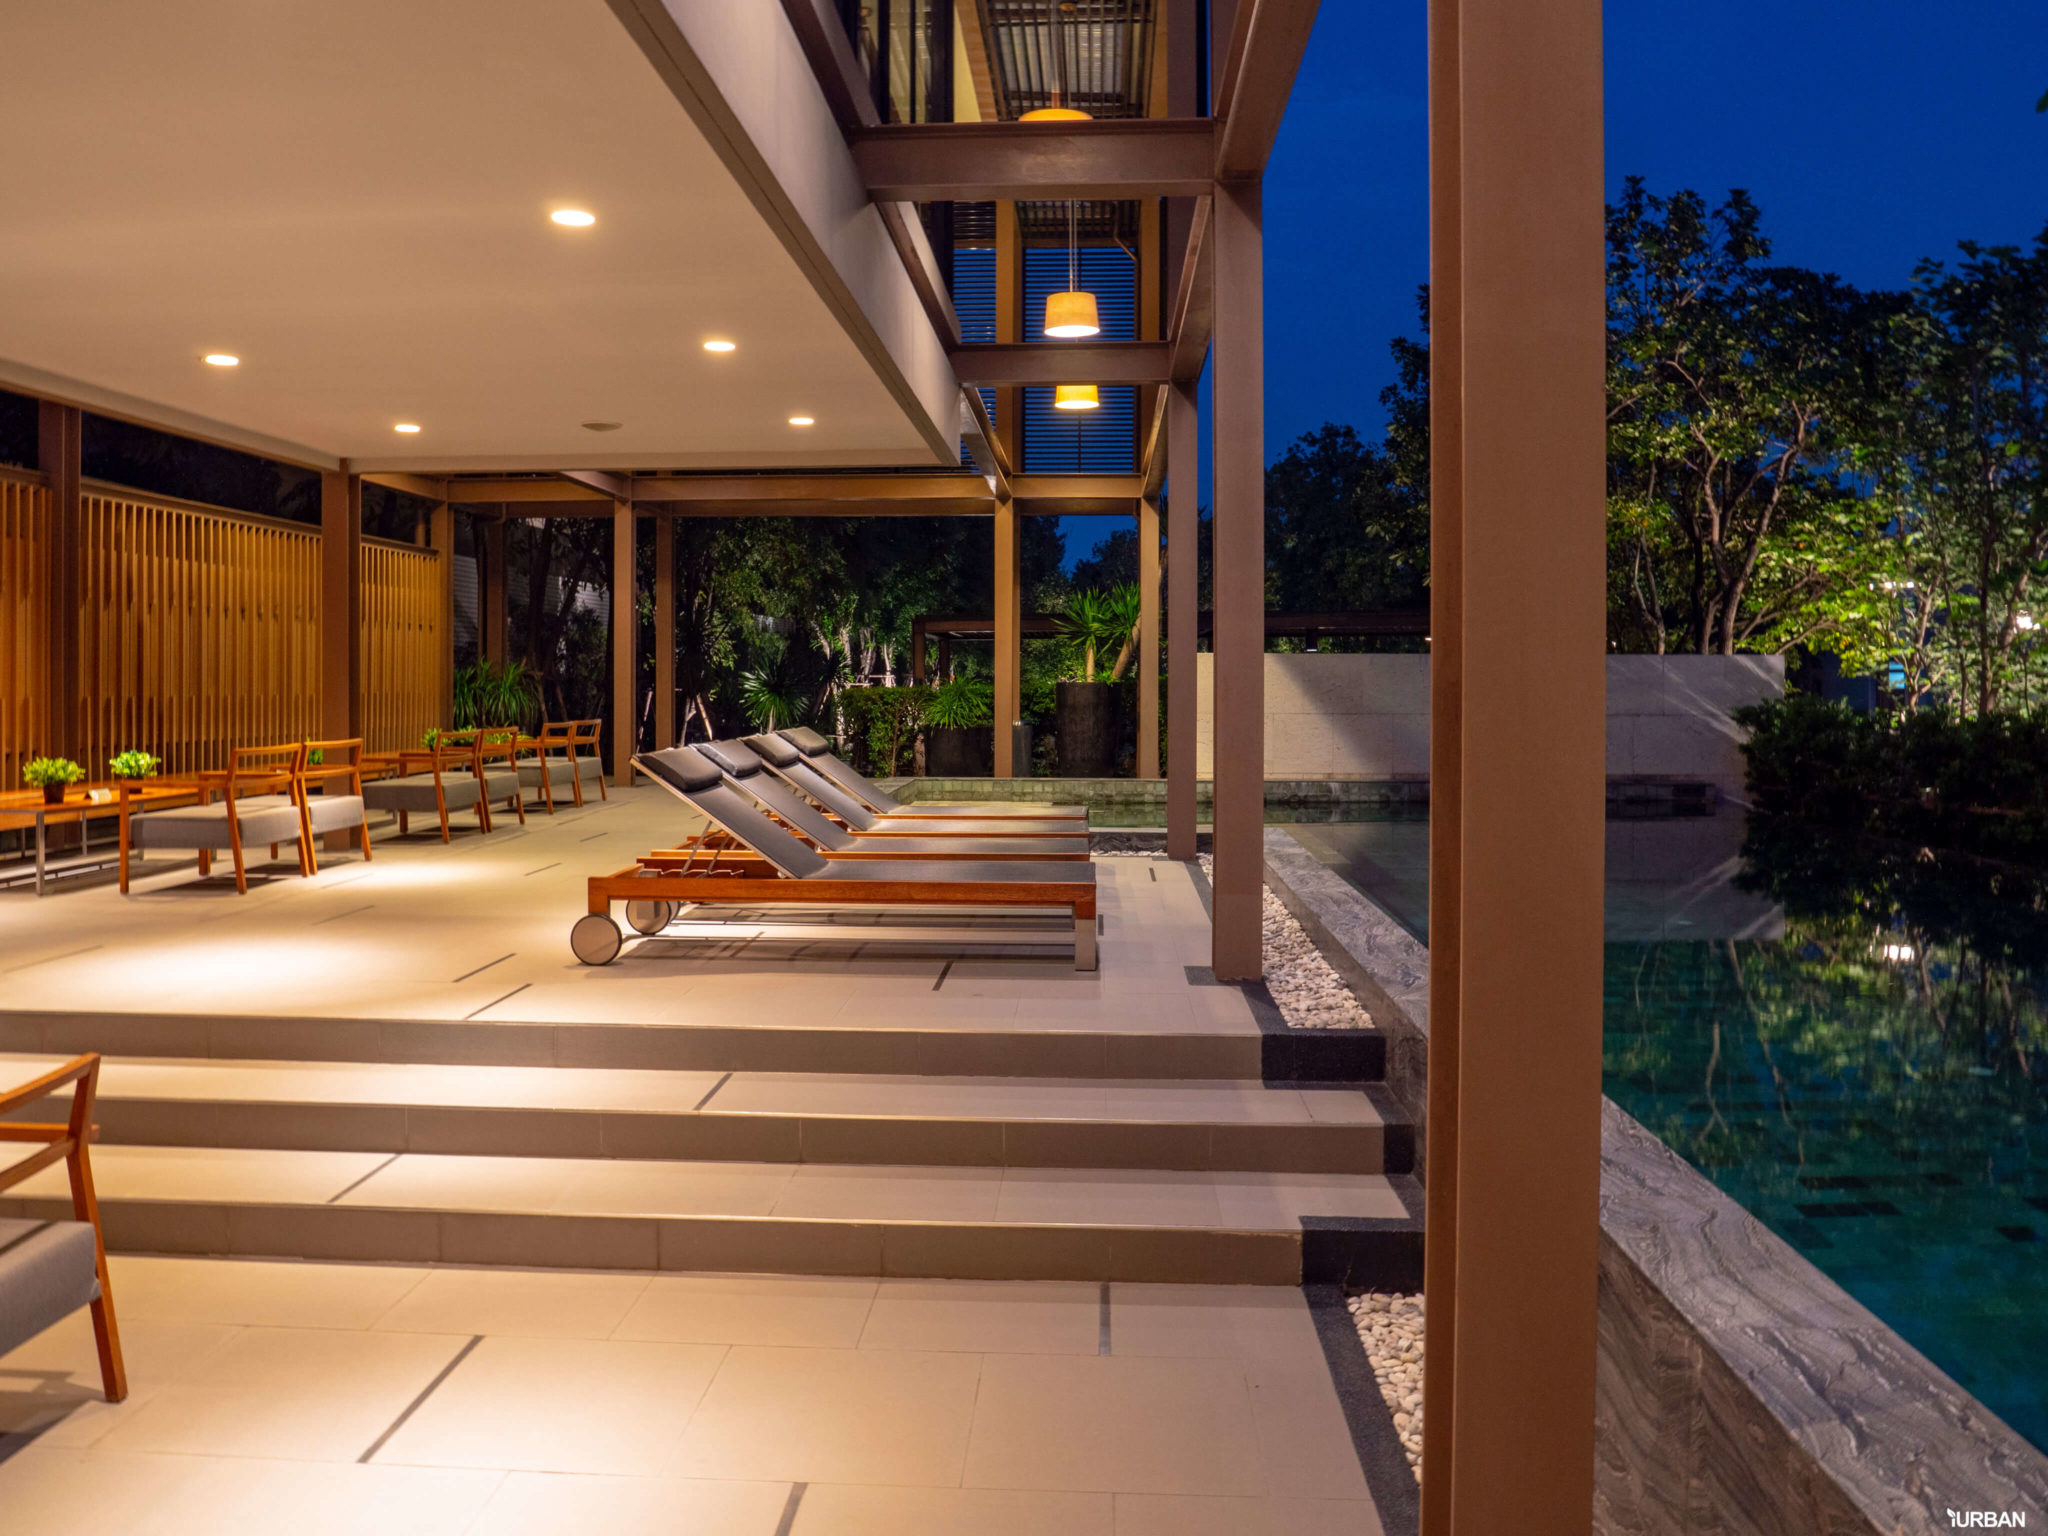 รีวิว บารานี พาร์ค ศรีนครินทร์-ร่มเกล้า บ้านสไตล์ Courtyard House ของไทยที่ได้รางวัลสถาปัตยกรรม 35 - Baranee Park